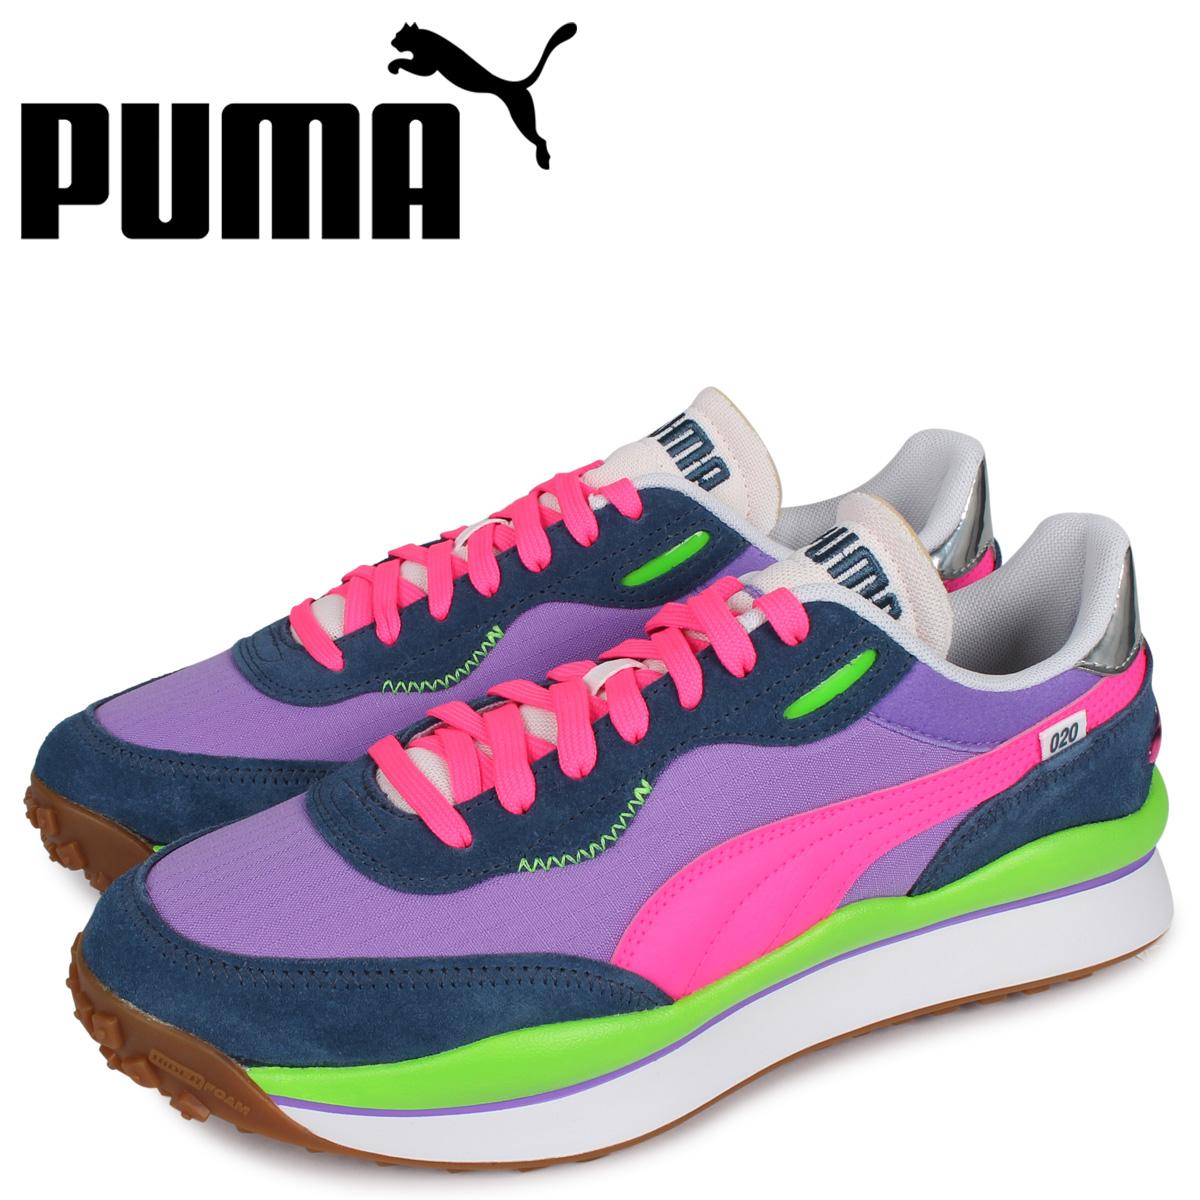 PUMA プーマ スタイル ライダー スニーカー メンズ STYLE RIDER パープル 37115004